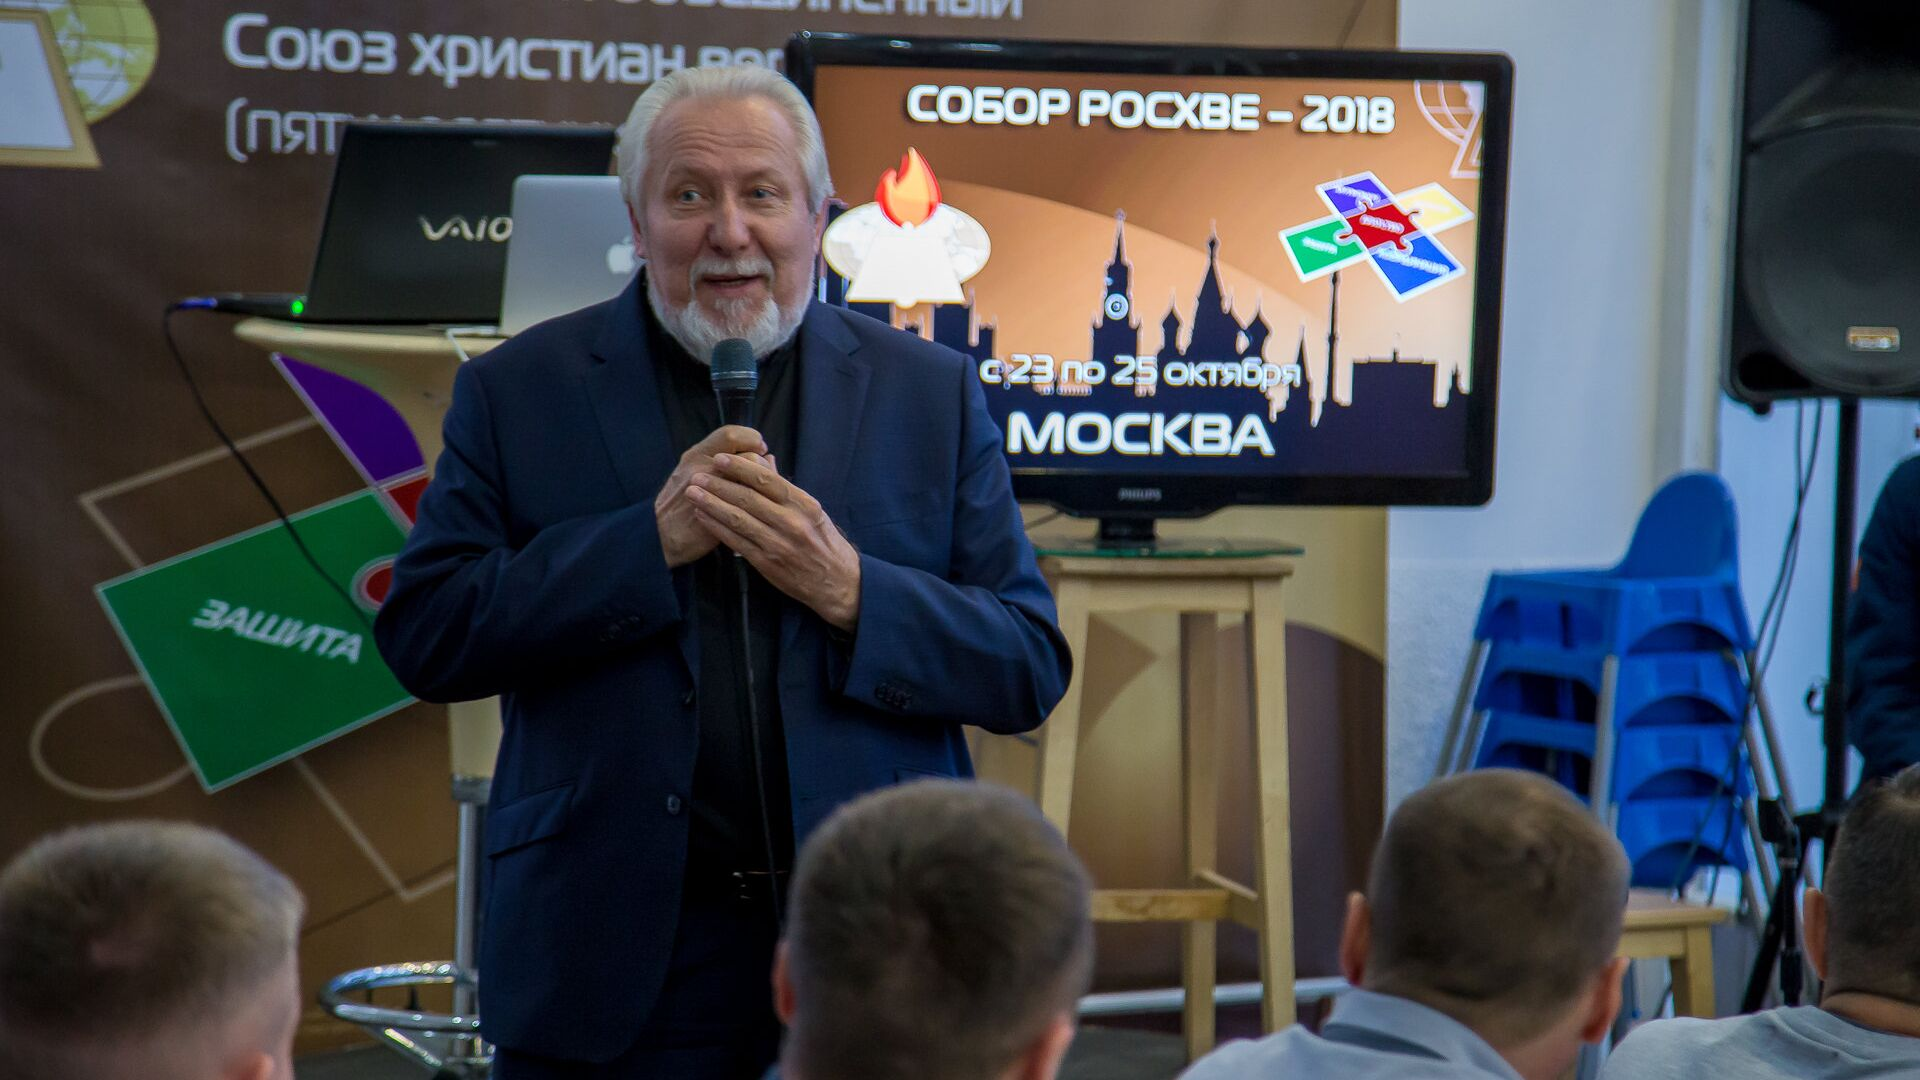 Начальствующий епископ РОСХВЕ Сергей Ряховский на Малом соборе РОСХВЕ. 23 октября 2018  - РИА Новости, 1920, 20.10.2020